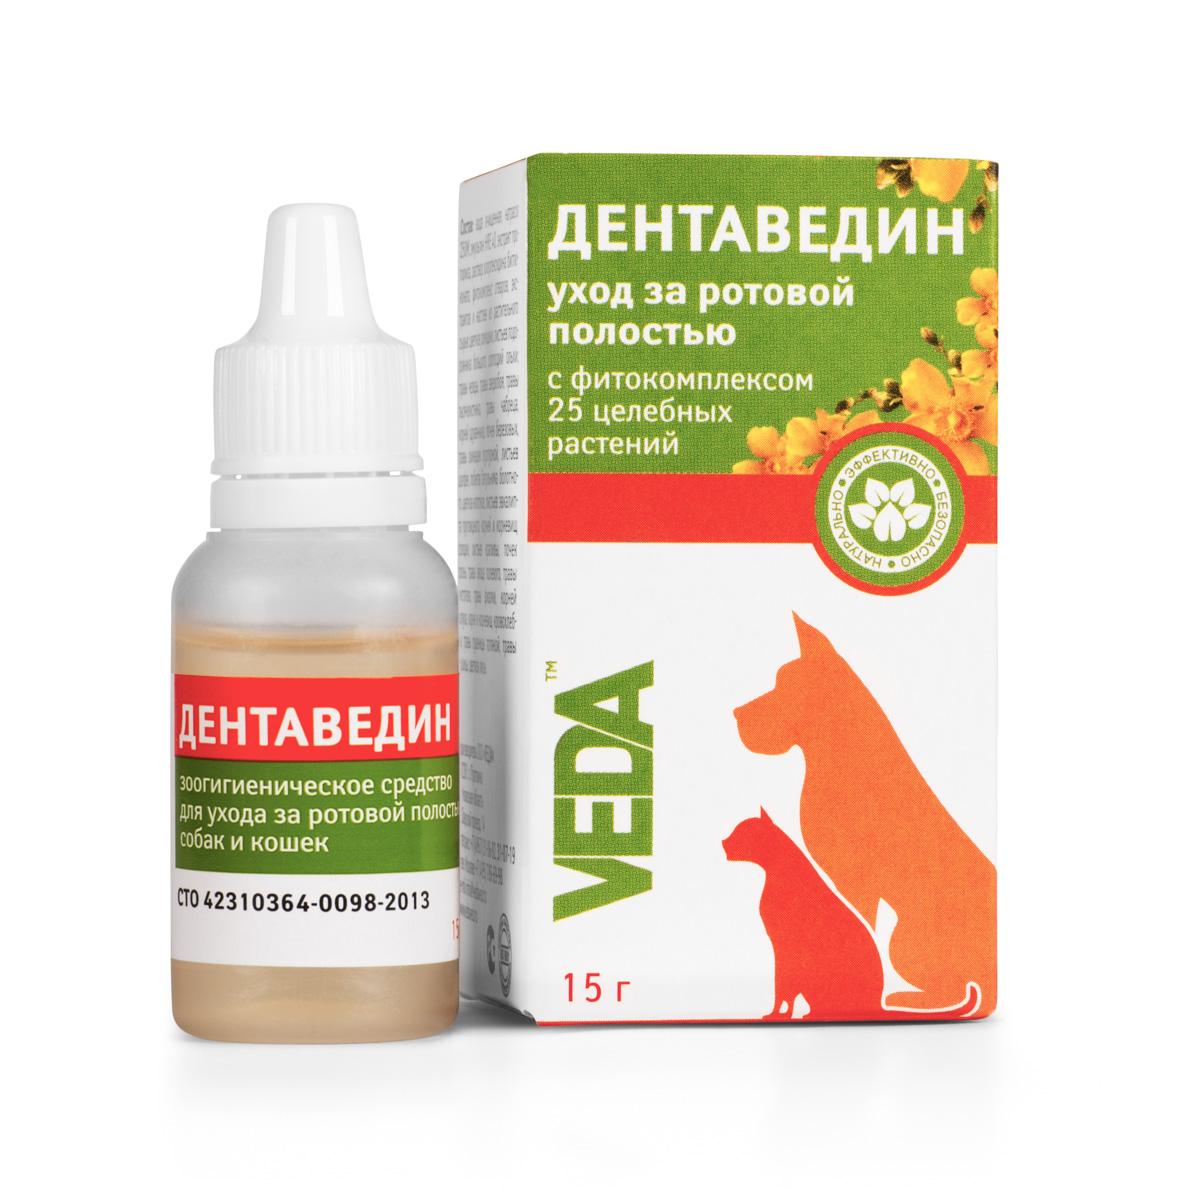 Средство гигиеническое для кошек и собак VEDA Фитогигиена. Дентаведин, для ухода за ротовой полостью, 15 г4605543006166Гигиеническое средство VEDA Фитогигиена. Дентаведин используют для ухода за ротовой полостью собак, кошек и других мелких домашних животных. Обеспечивает очищение слизистых, улучшает их внешний вид и состояние, способствует устранению зубного камня, устраняет неприятный запах, препятствует развитию кариеса и расшатыванию зубов.Состав: вода очищенная, фитокомплекс: цветков ромашки, листьев подорожника большого, соплодий ольхи, травы череды, травы зверобоя, травы тысячелистника, травы чабреца, корней одуванчика, почек березовых, травы эхинацеи пурпурной, листьев шалфея, побегов багульника болотного, цветков ноготков, листьев эвкалипта прутовидного, корней и корневищ солодки, листьев крапивы, почек сосны, травы хвоща полевого, травы чистотела, травы фиалки, корней лопуха, корня и корневищ кровохлебки, травы сушеницы топяной, травы душицы, цветков липы; гидроксиэтилцеллюлоза, эмульгин HRE 40, консервант.Товар сертифицирован.